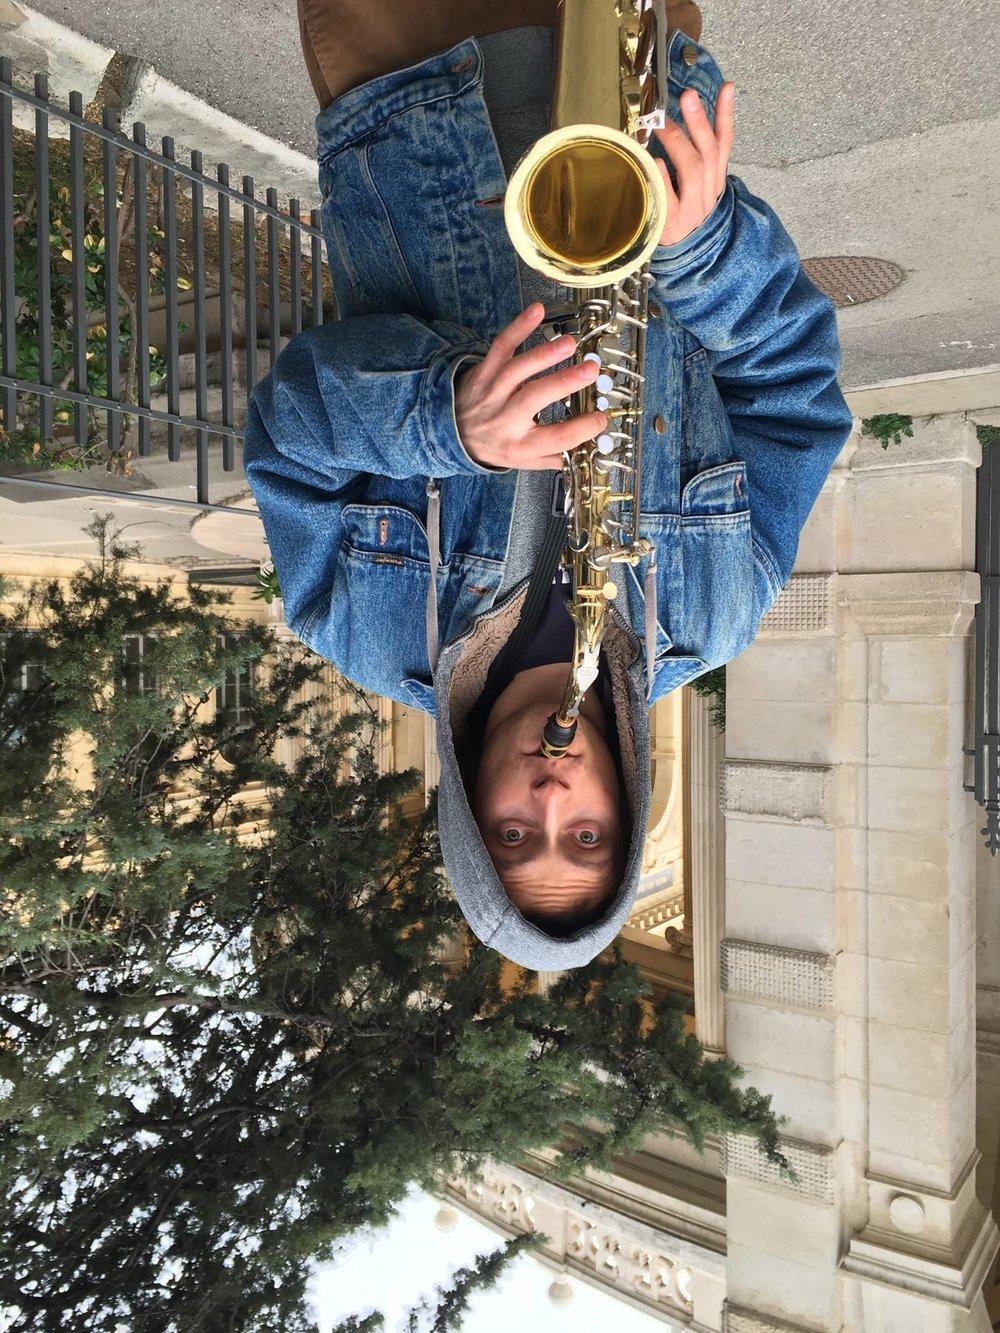 Adrien - Saxophoniste accompli, Adrien est le gai-luron de la fanfare. Toujours là pour faire des blagues (plus ou moins drôles), il saura vous donner envie de vous trémousser avec ses mouvements du bassin endiablés. Mais ne vous fiez pas aux sons aguicheurs de son instrument, son animal totem reste la musaraigne-taupe.Dessert préféré : ouiAnimal totem : Musaraigne-taupe